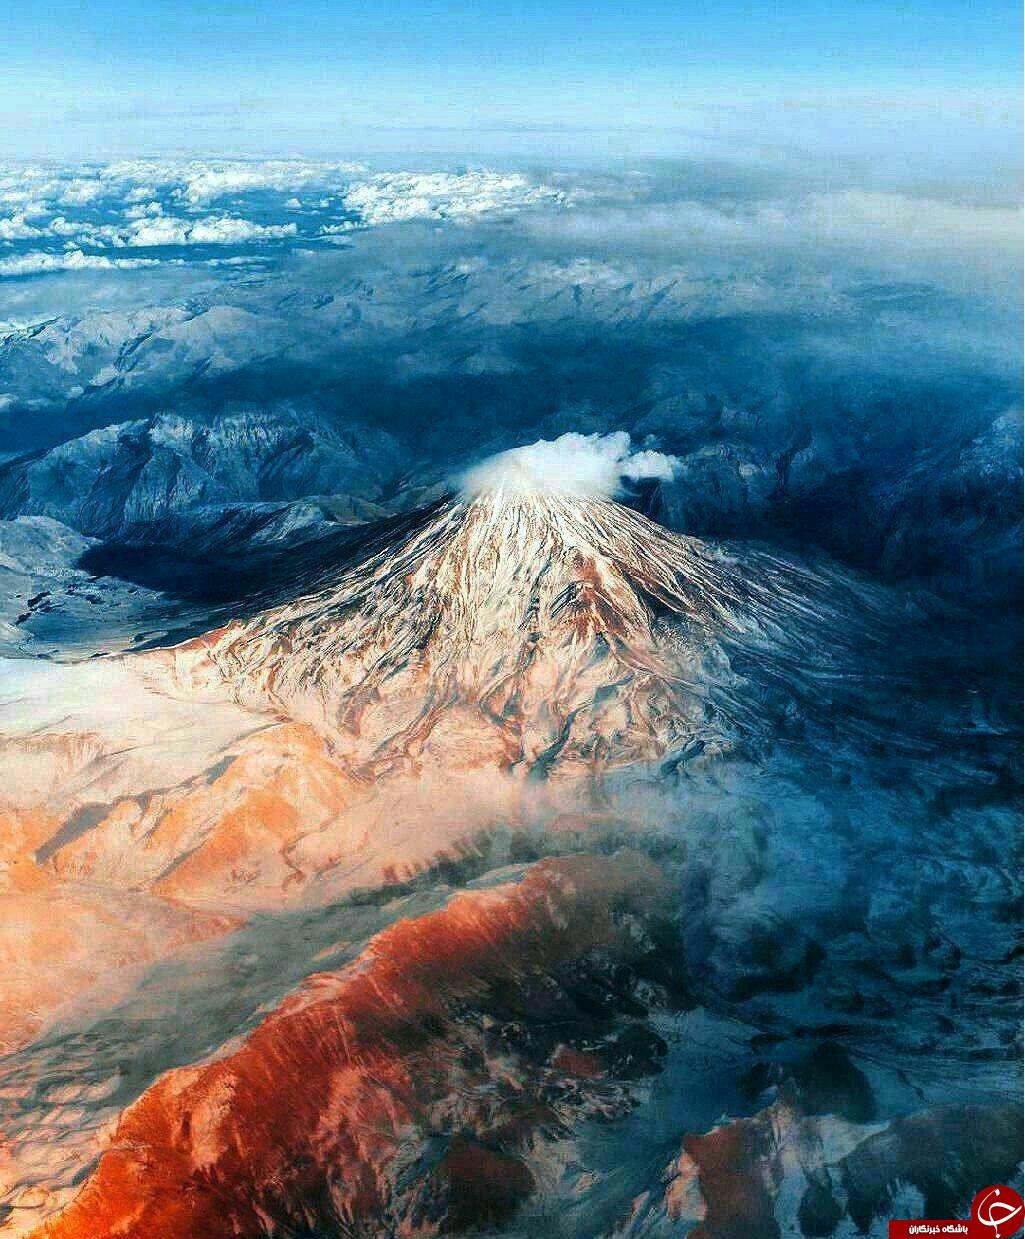 تصویر هوایی بی نظیر از قله دماوند